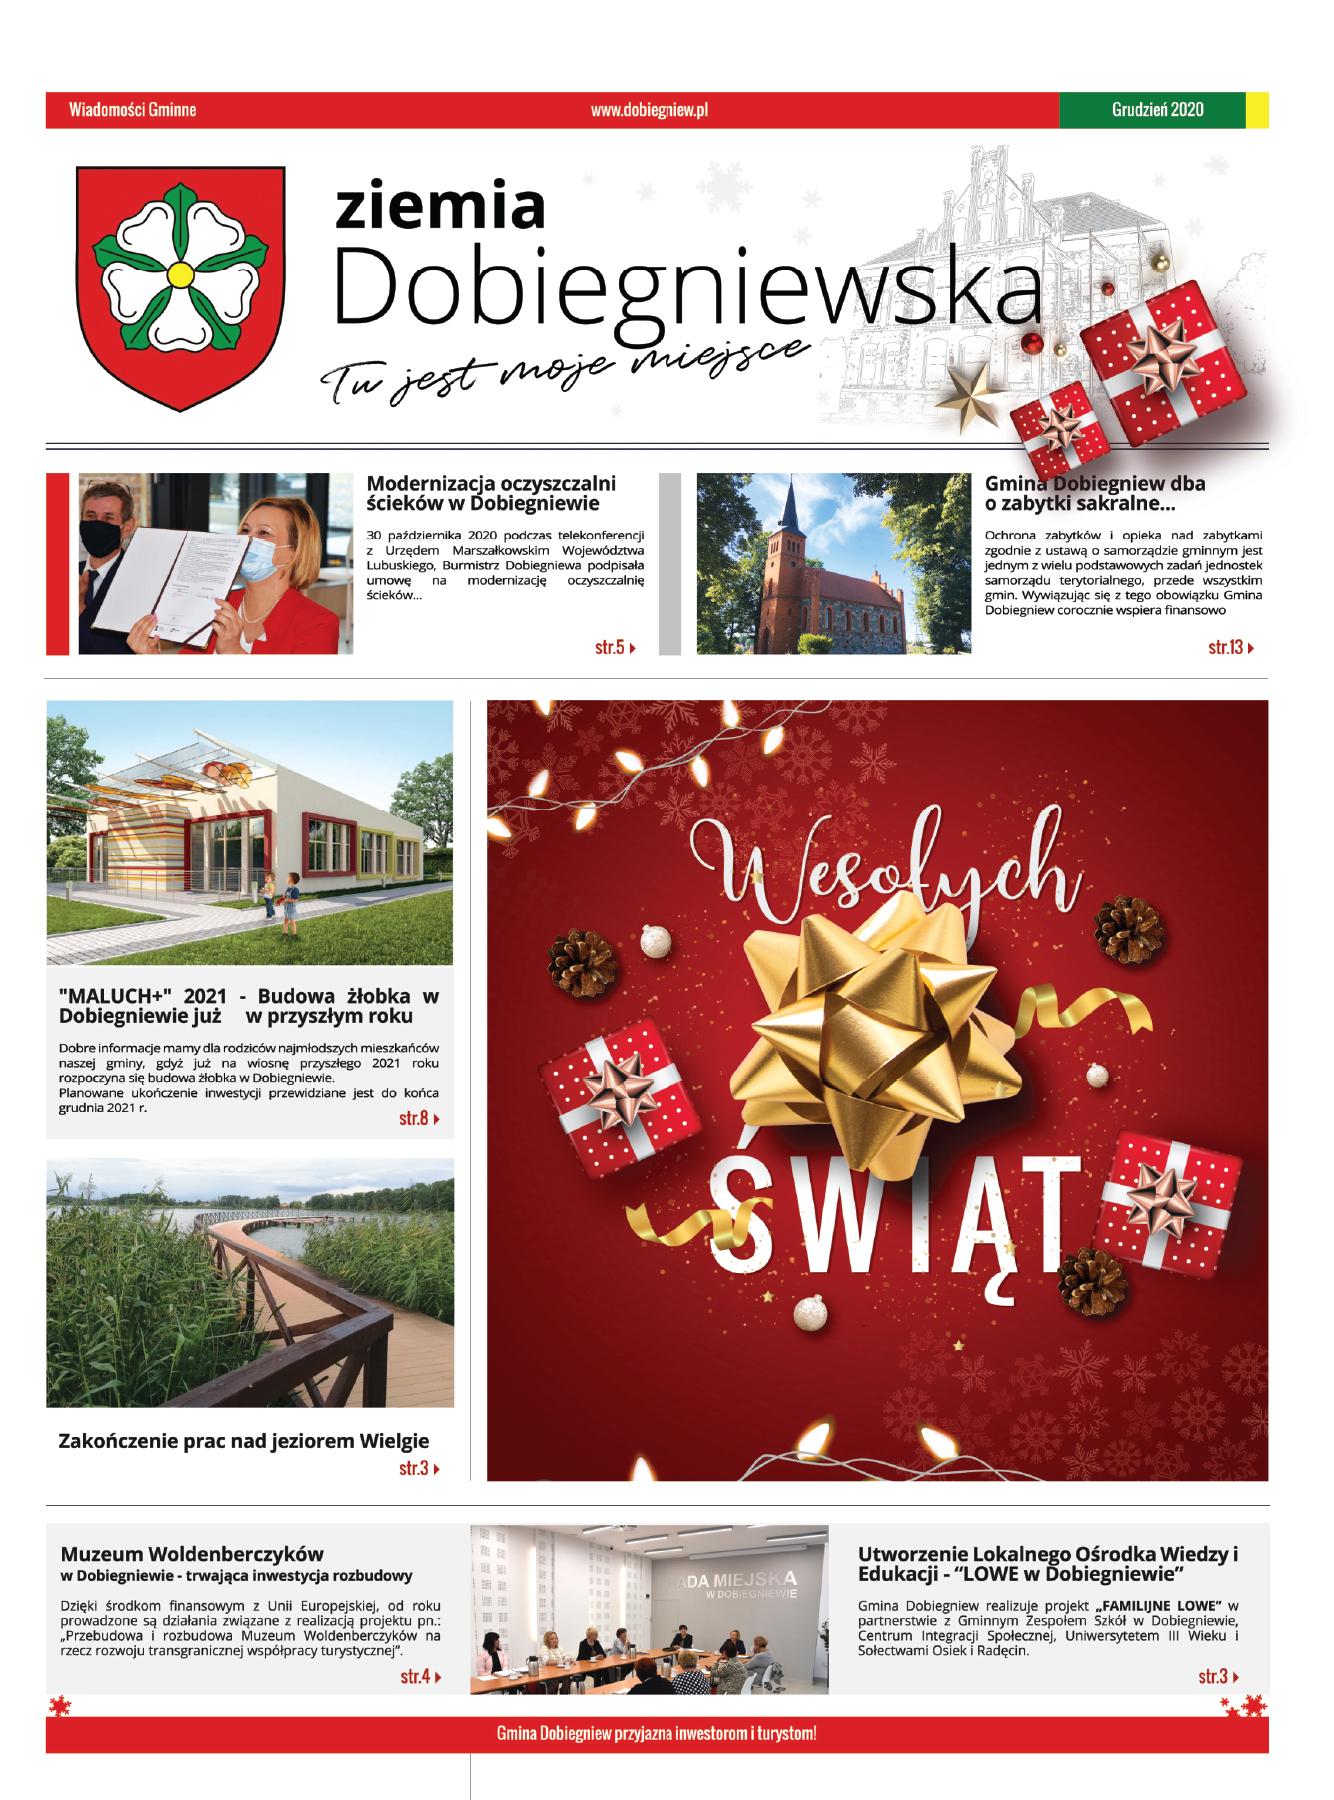 Gazeta Ziemia Dobiegniewska - okładka gazety